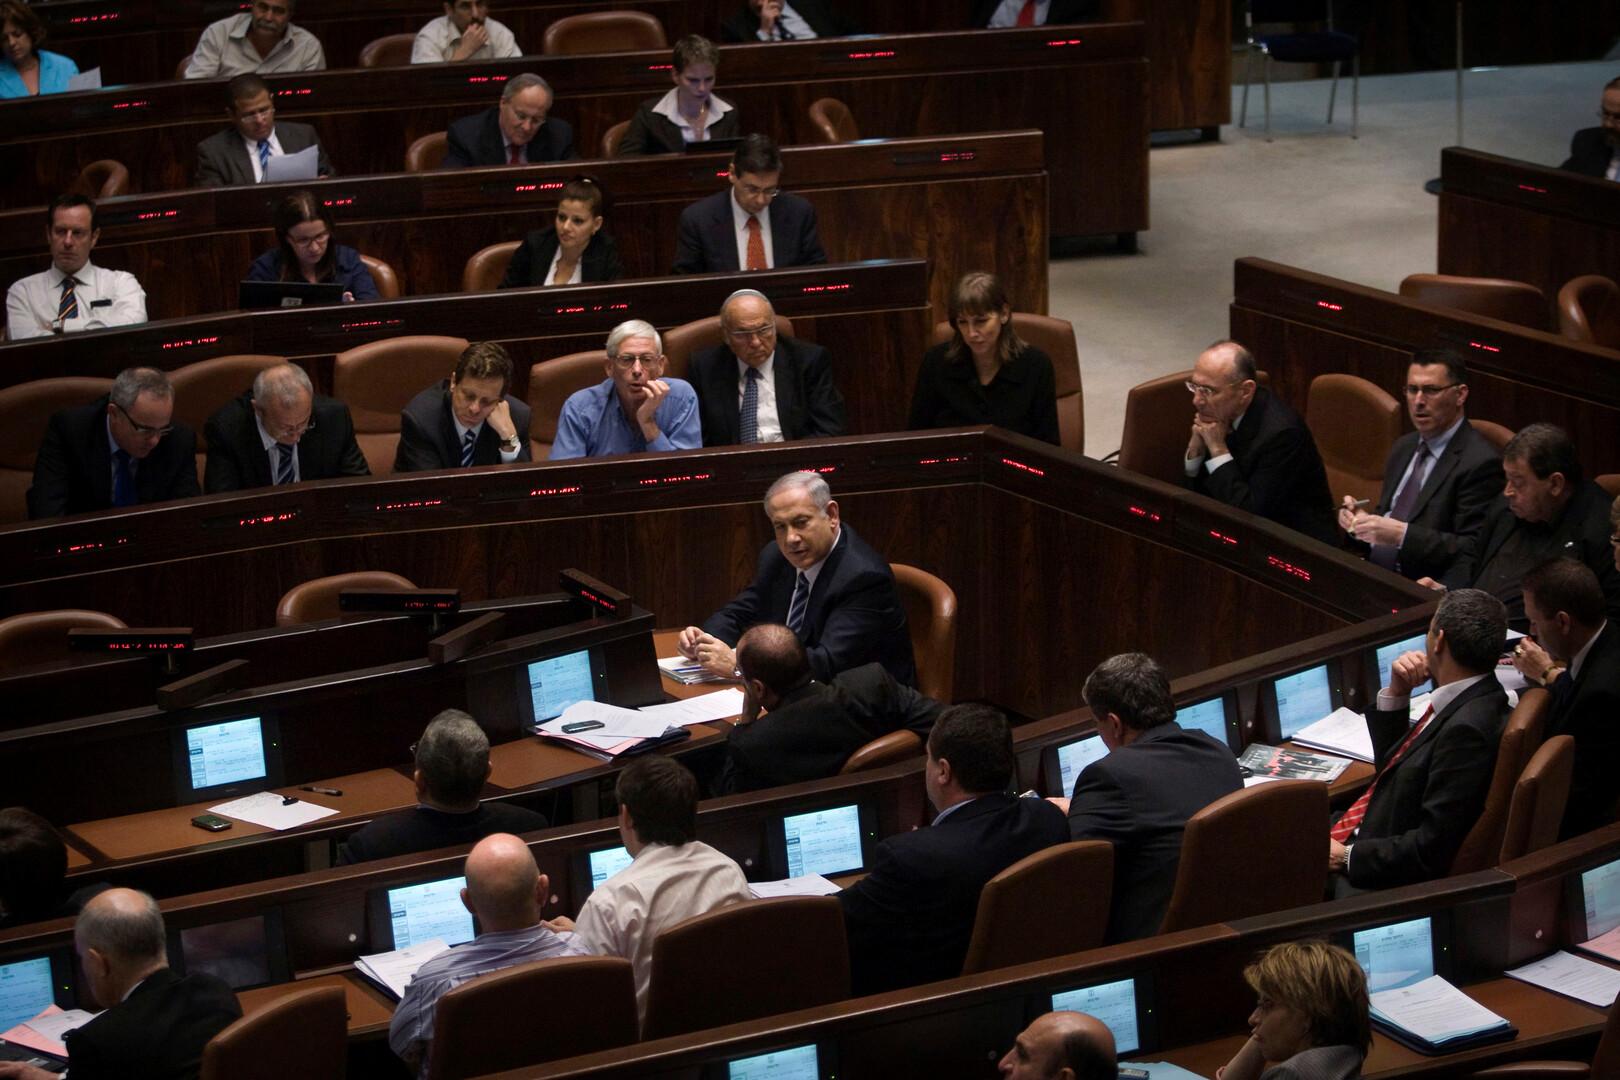 الكنيست الإسرائيلي يصوت الاثنين على قانون